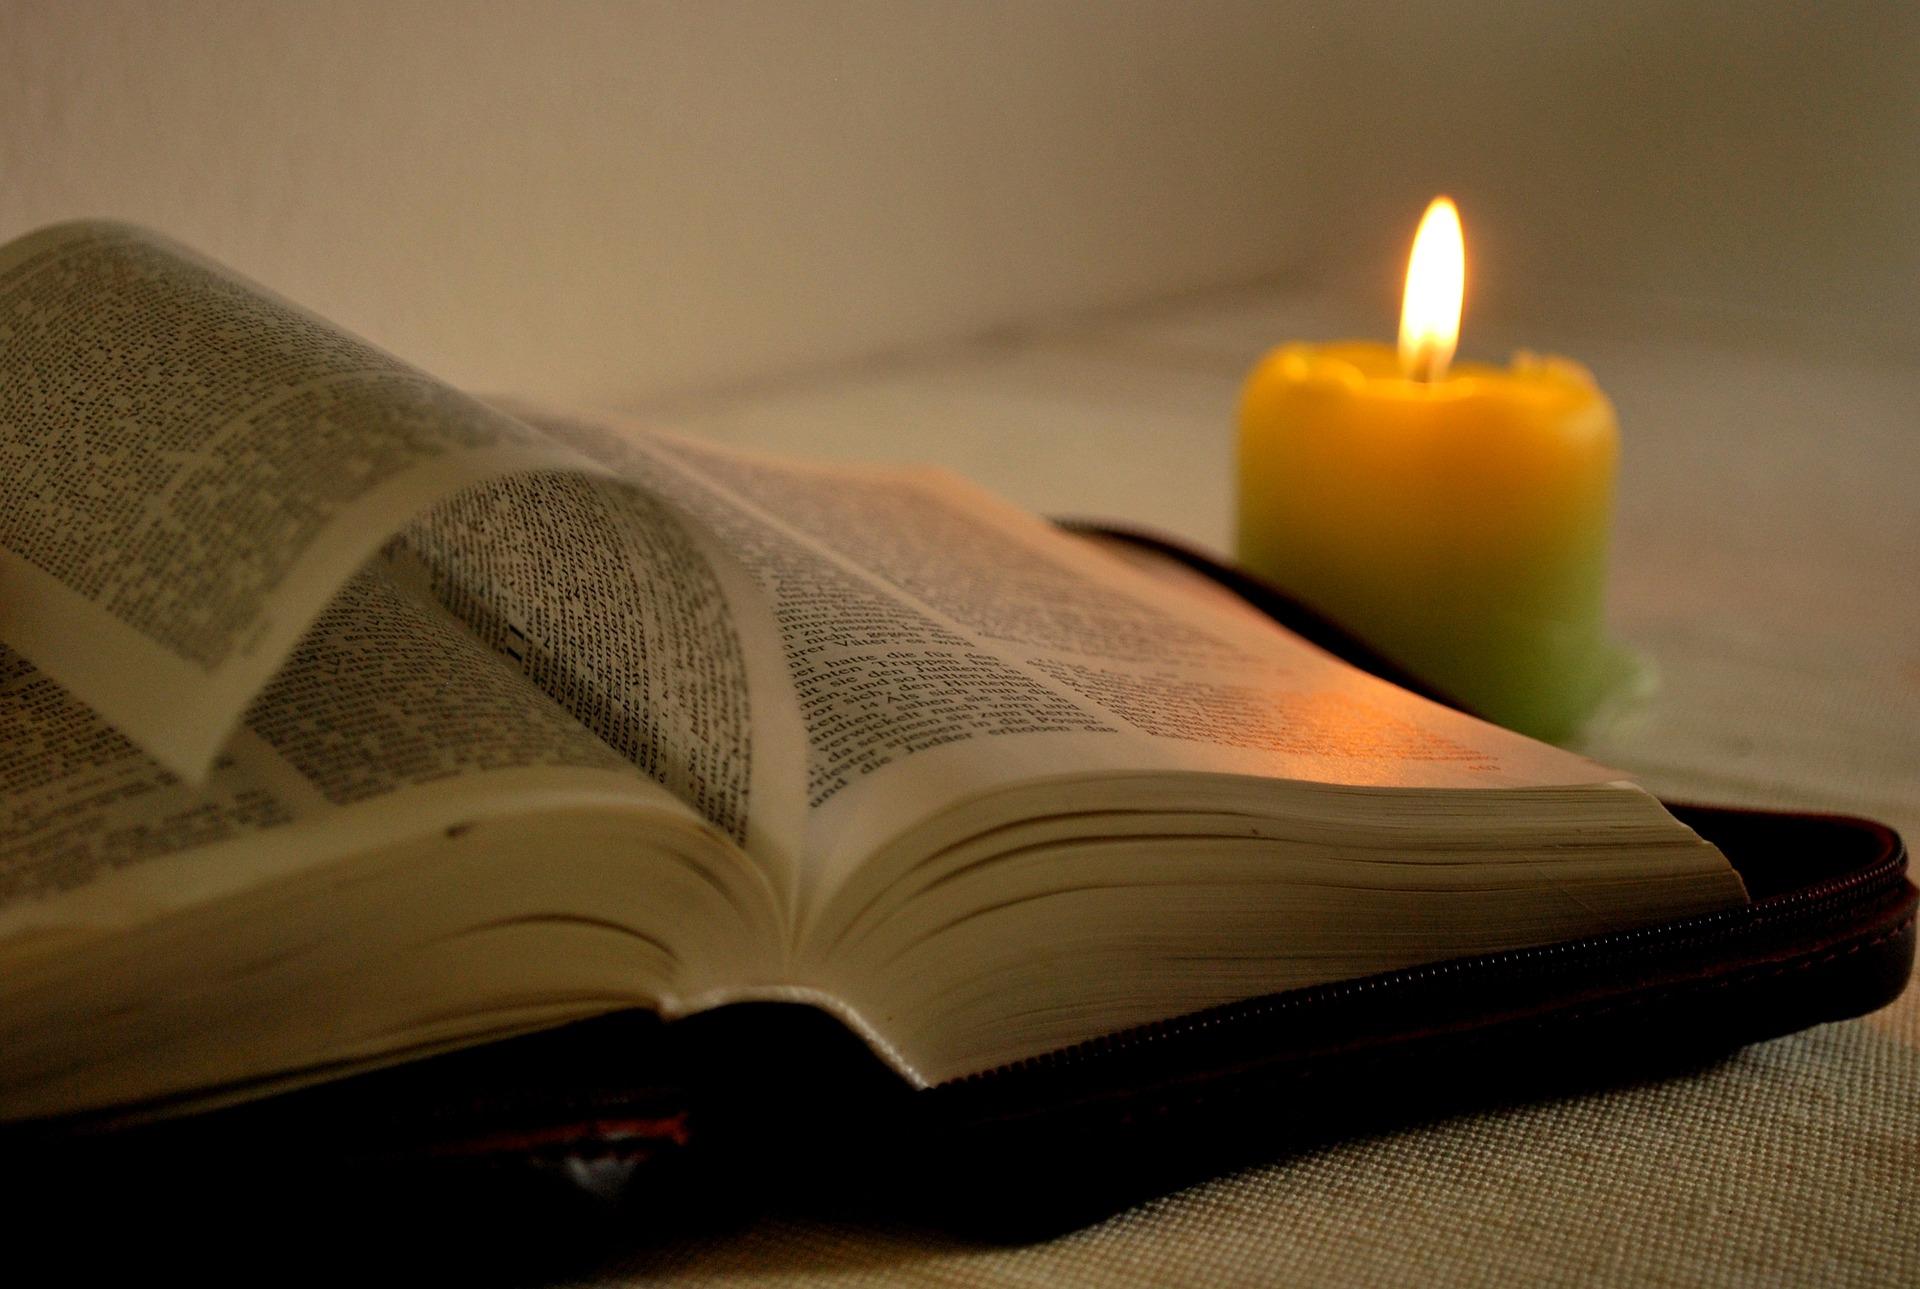 Bíblia, adultério e violência doméstica